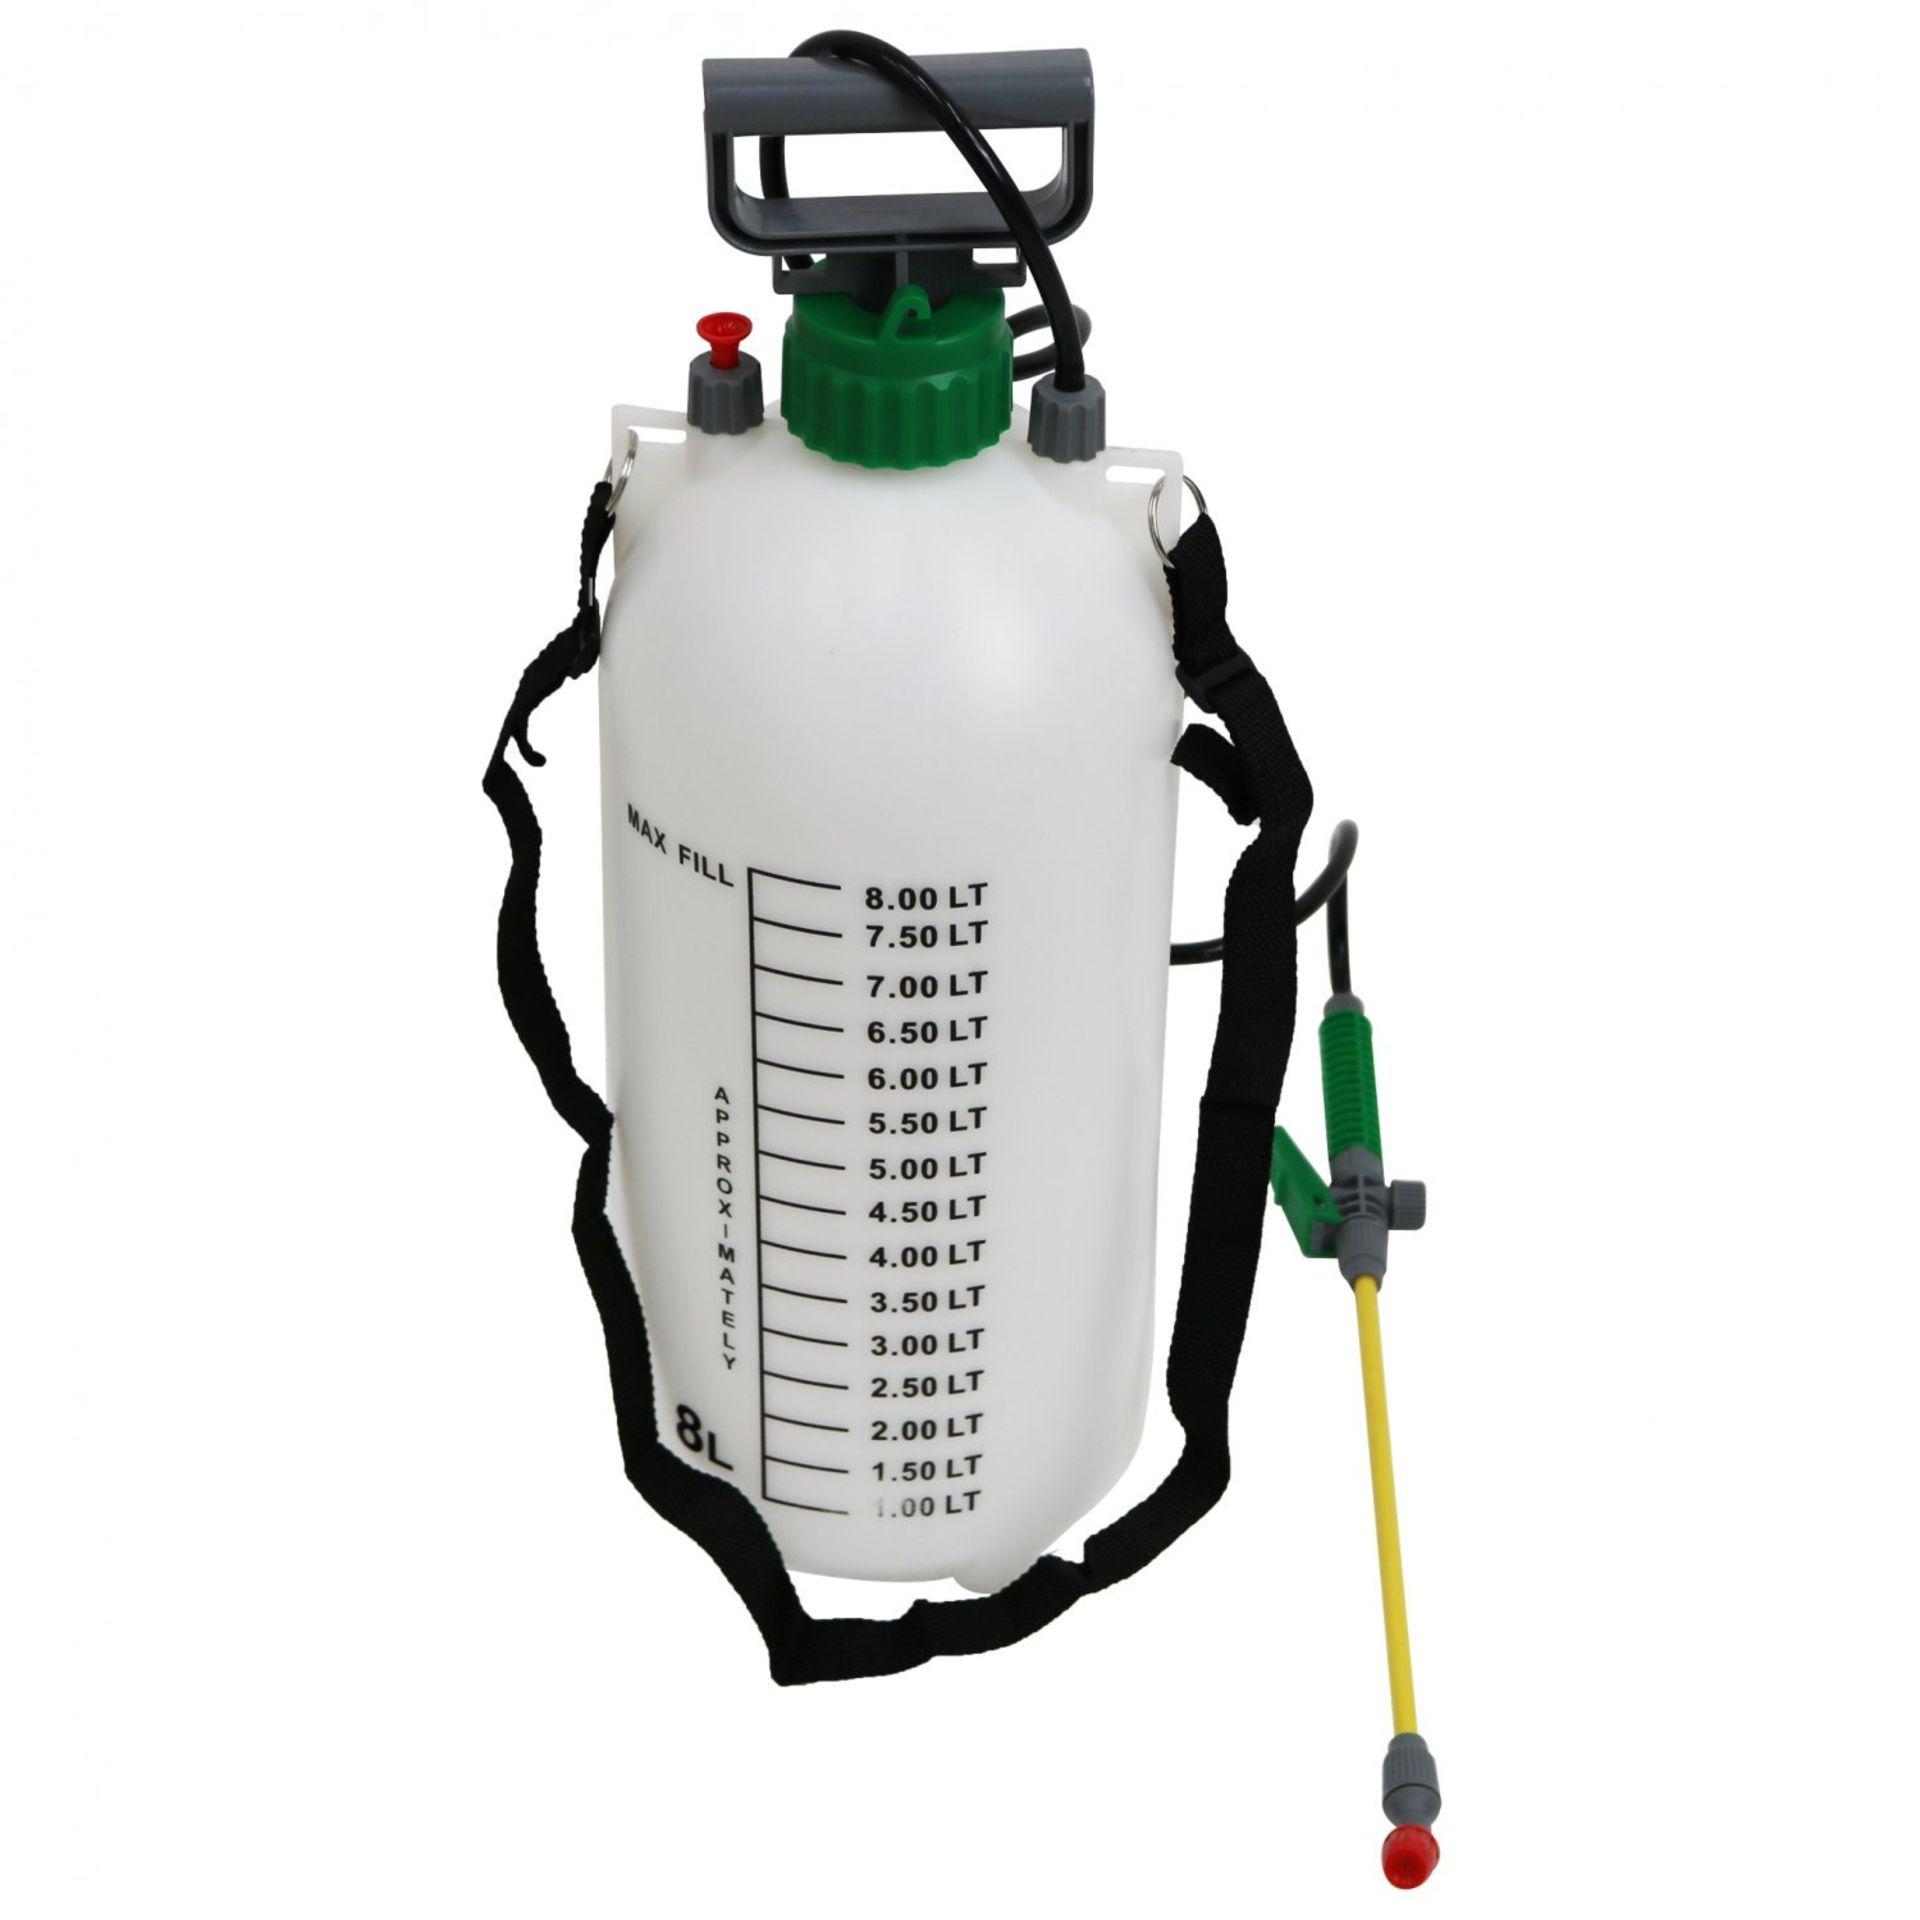 Lot 472 - (RU399) 8L 8 Litre Pump Action Pressure Crop Garden Weed Sprayer The pressure sprayer has a ...